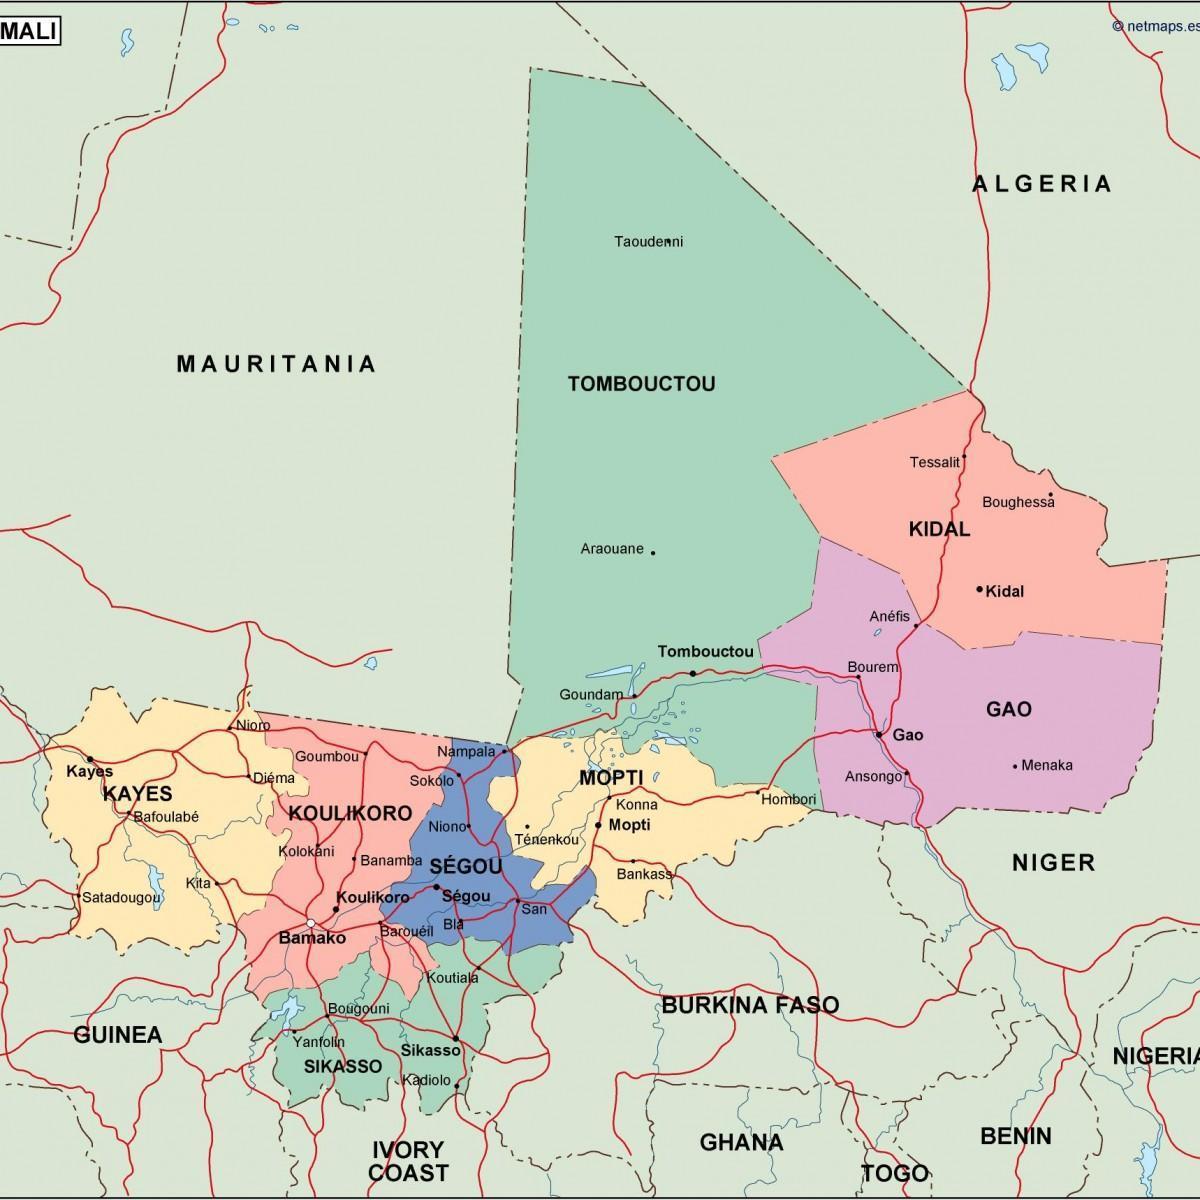 Polityczna Mapa Mali Mapy Polityczne Mali Afryka Zachodnia